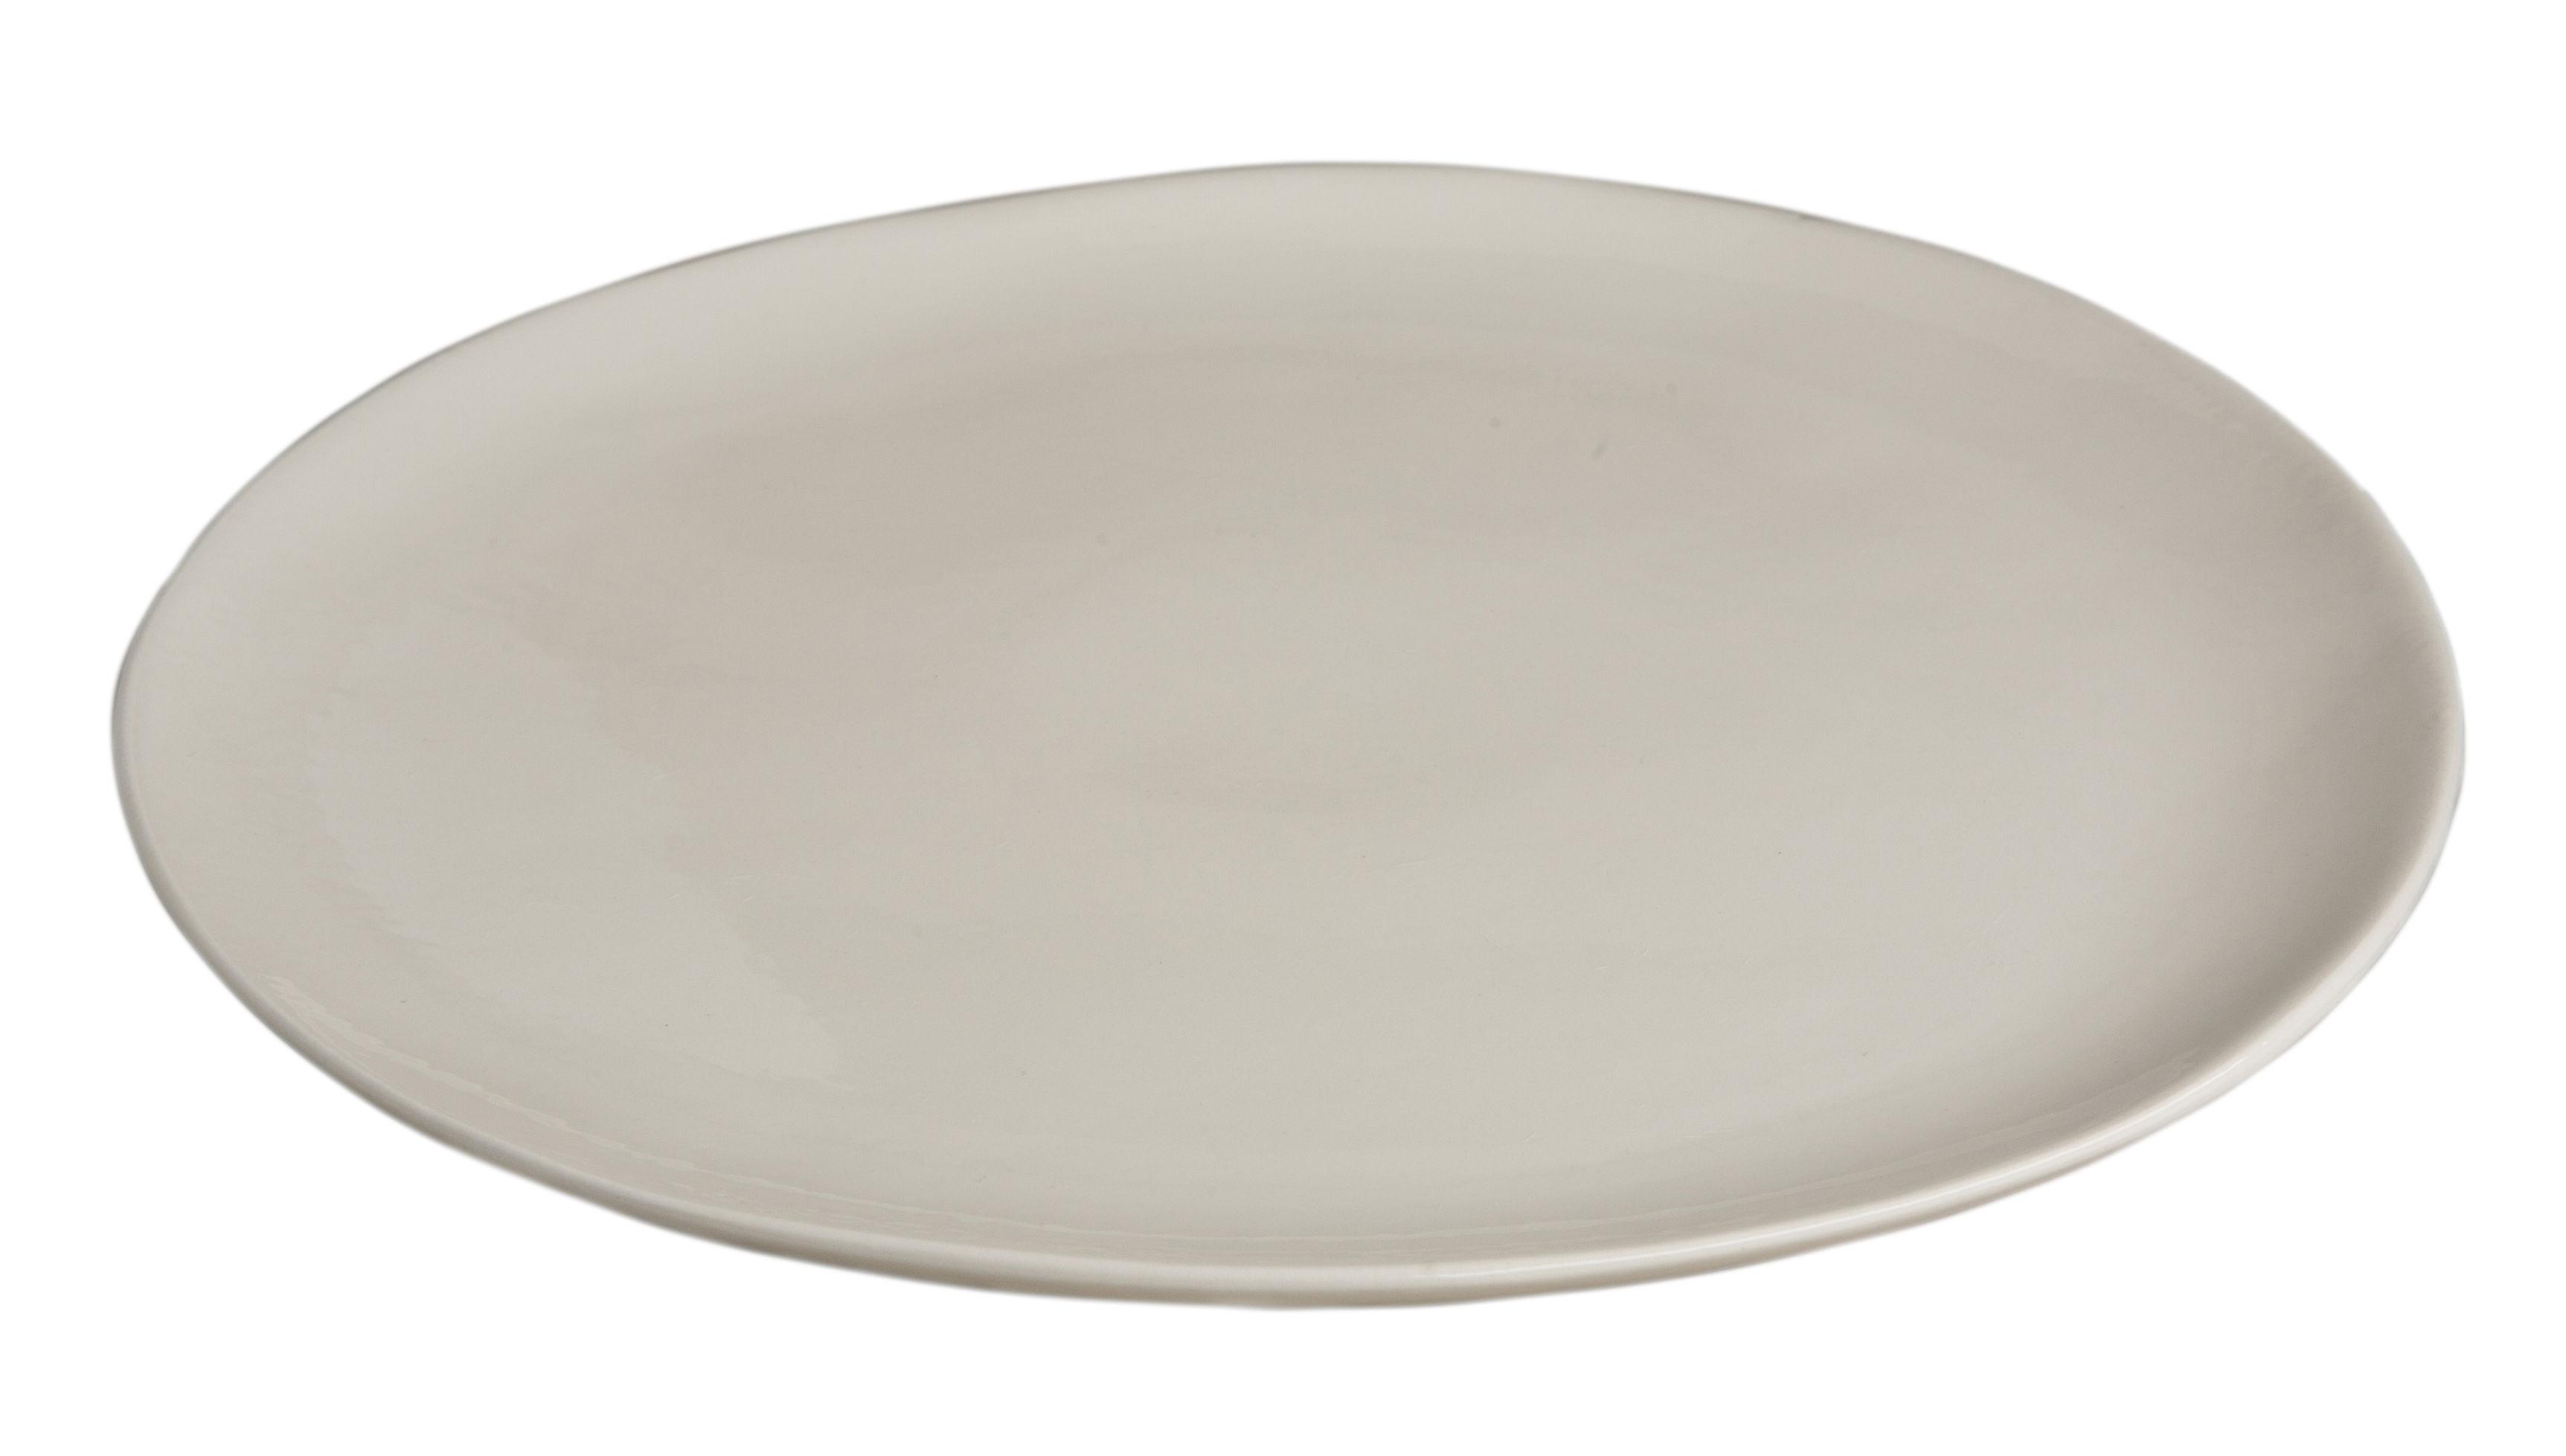 Arts de la table - Assiettes - Assiette Bazelaire / Ø 26cm - Fait main - Sentou Edition - Blanc cassé - Faïence émaillée